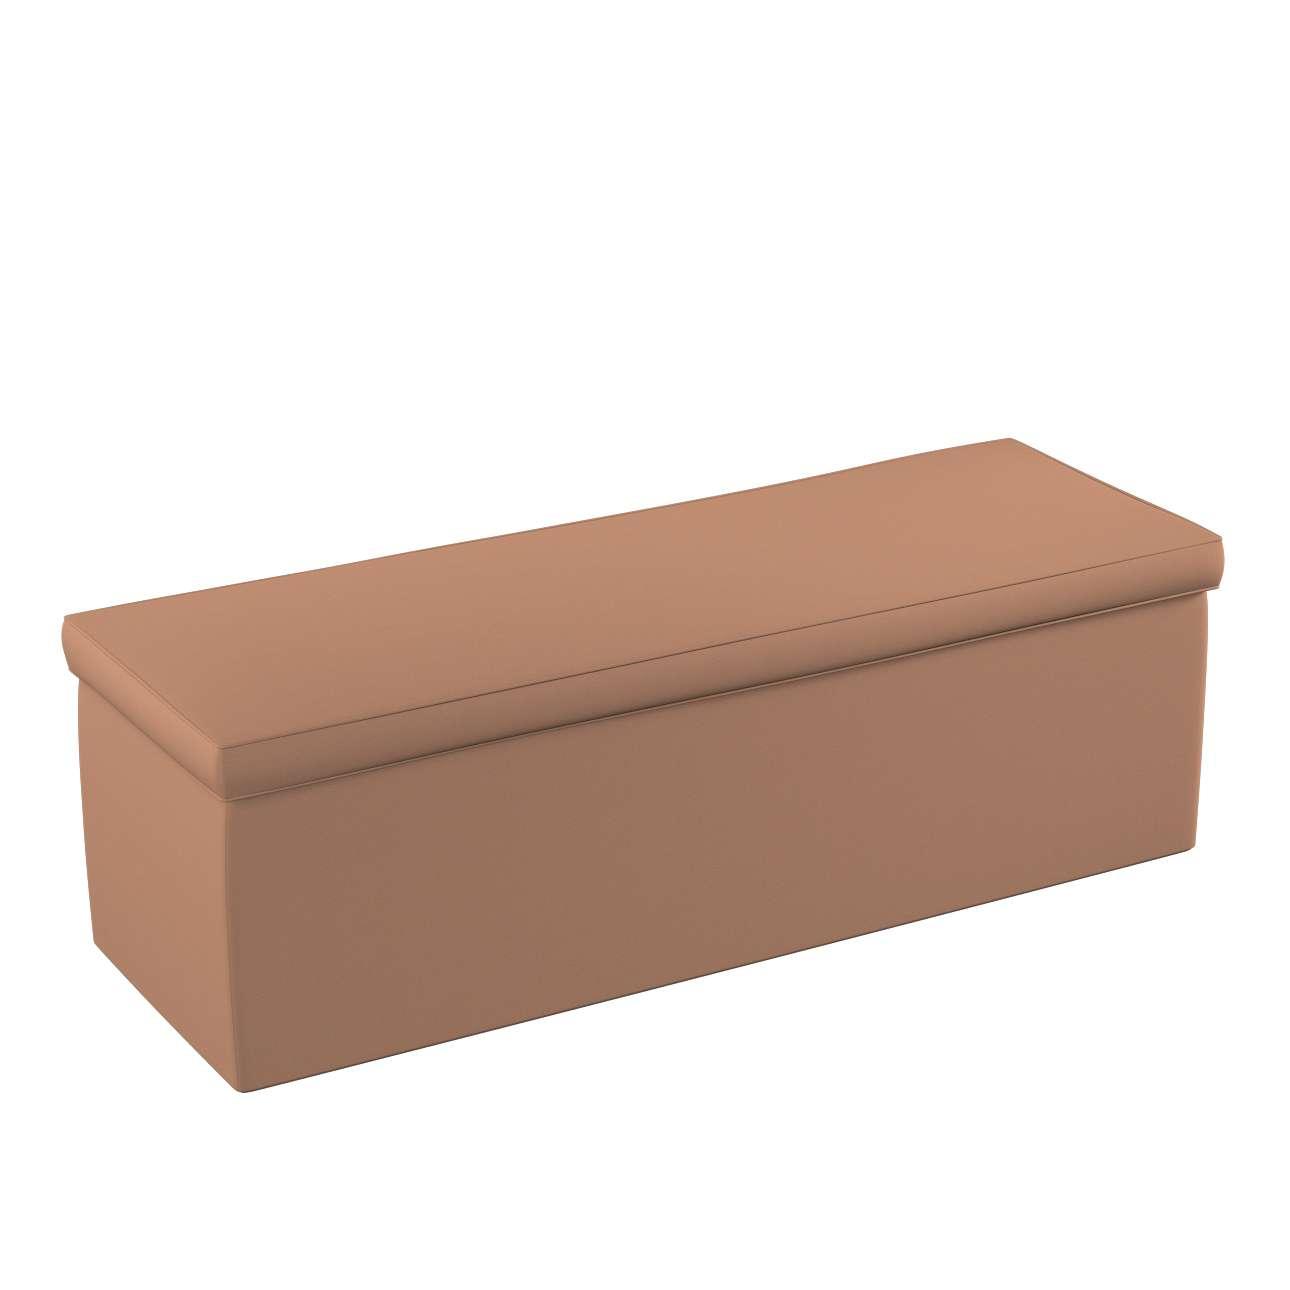 Čalouněná skříň s volbou látky - 2 velikosti v kolekci Cotton Panama, látka: 702-02